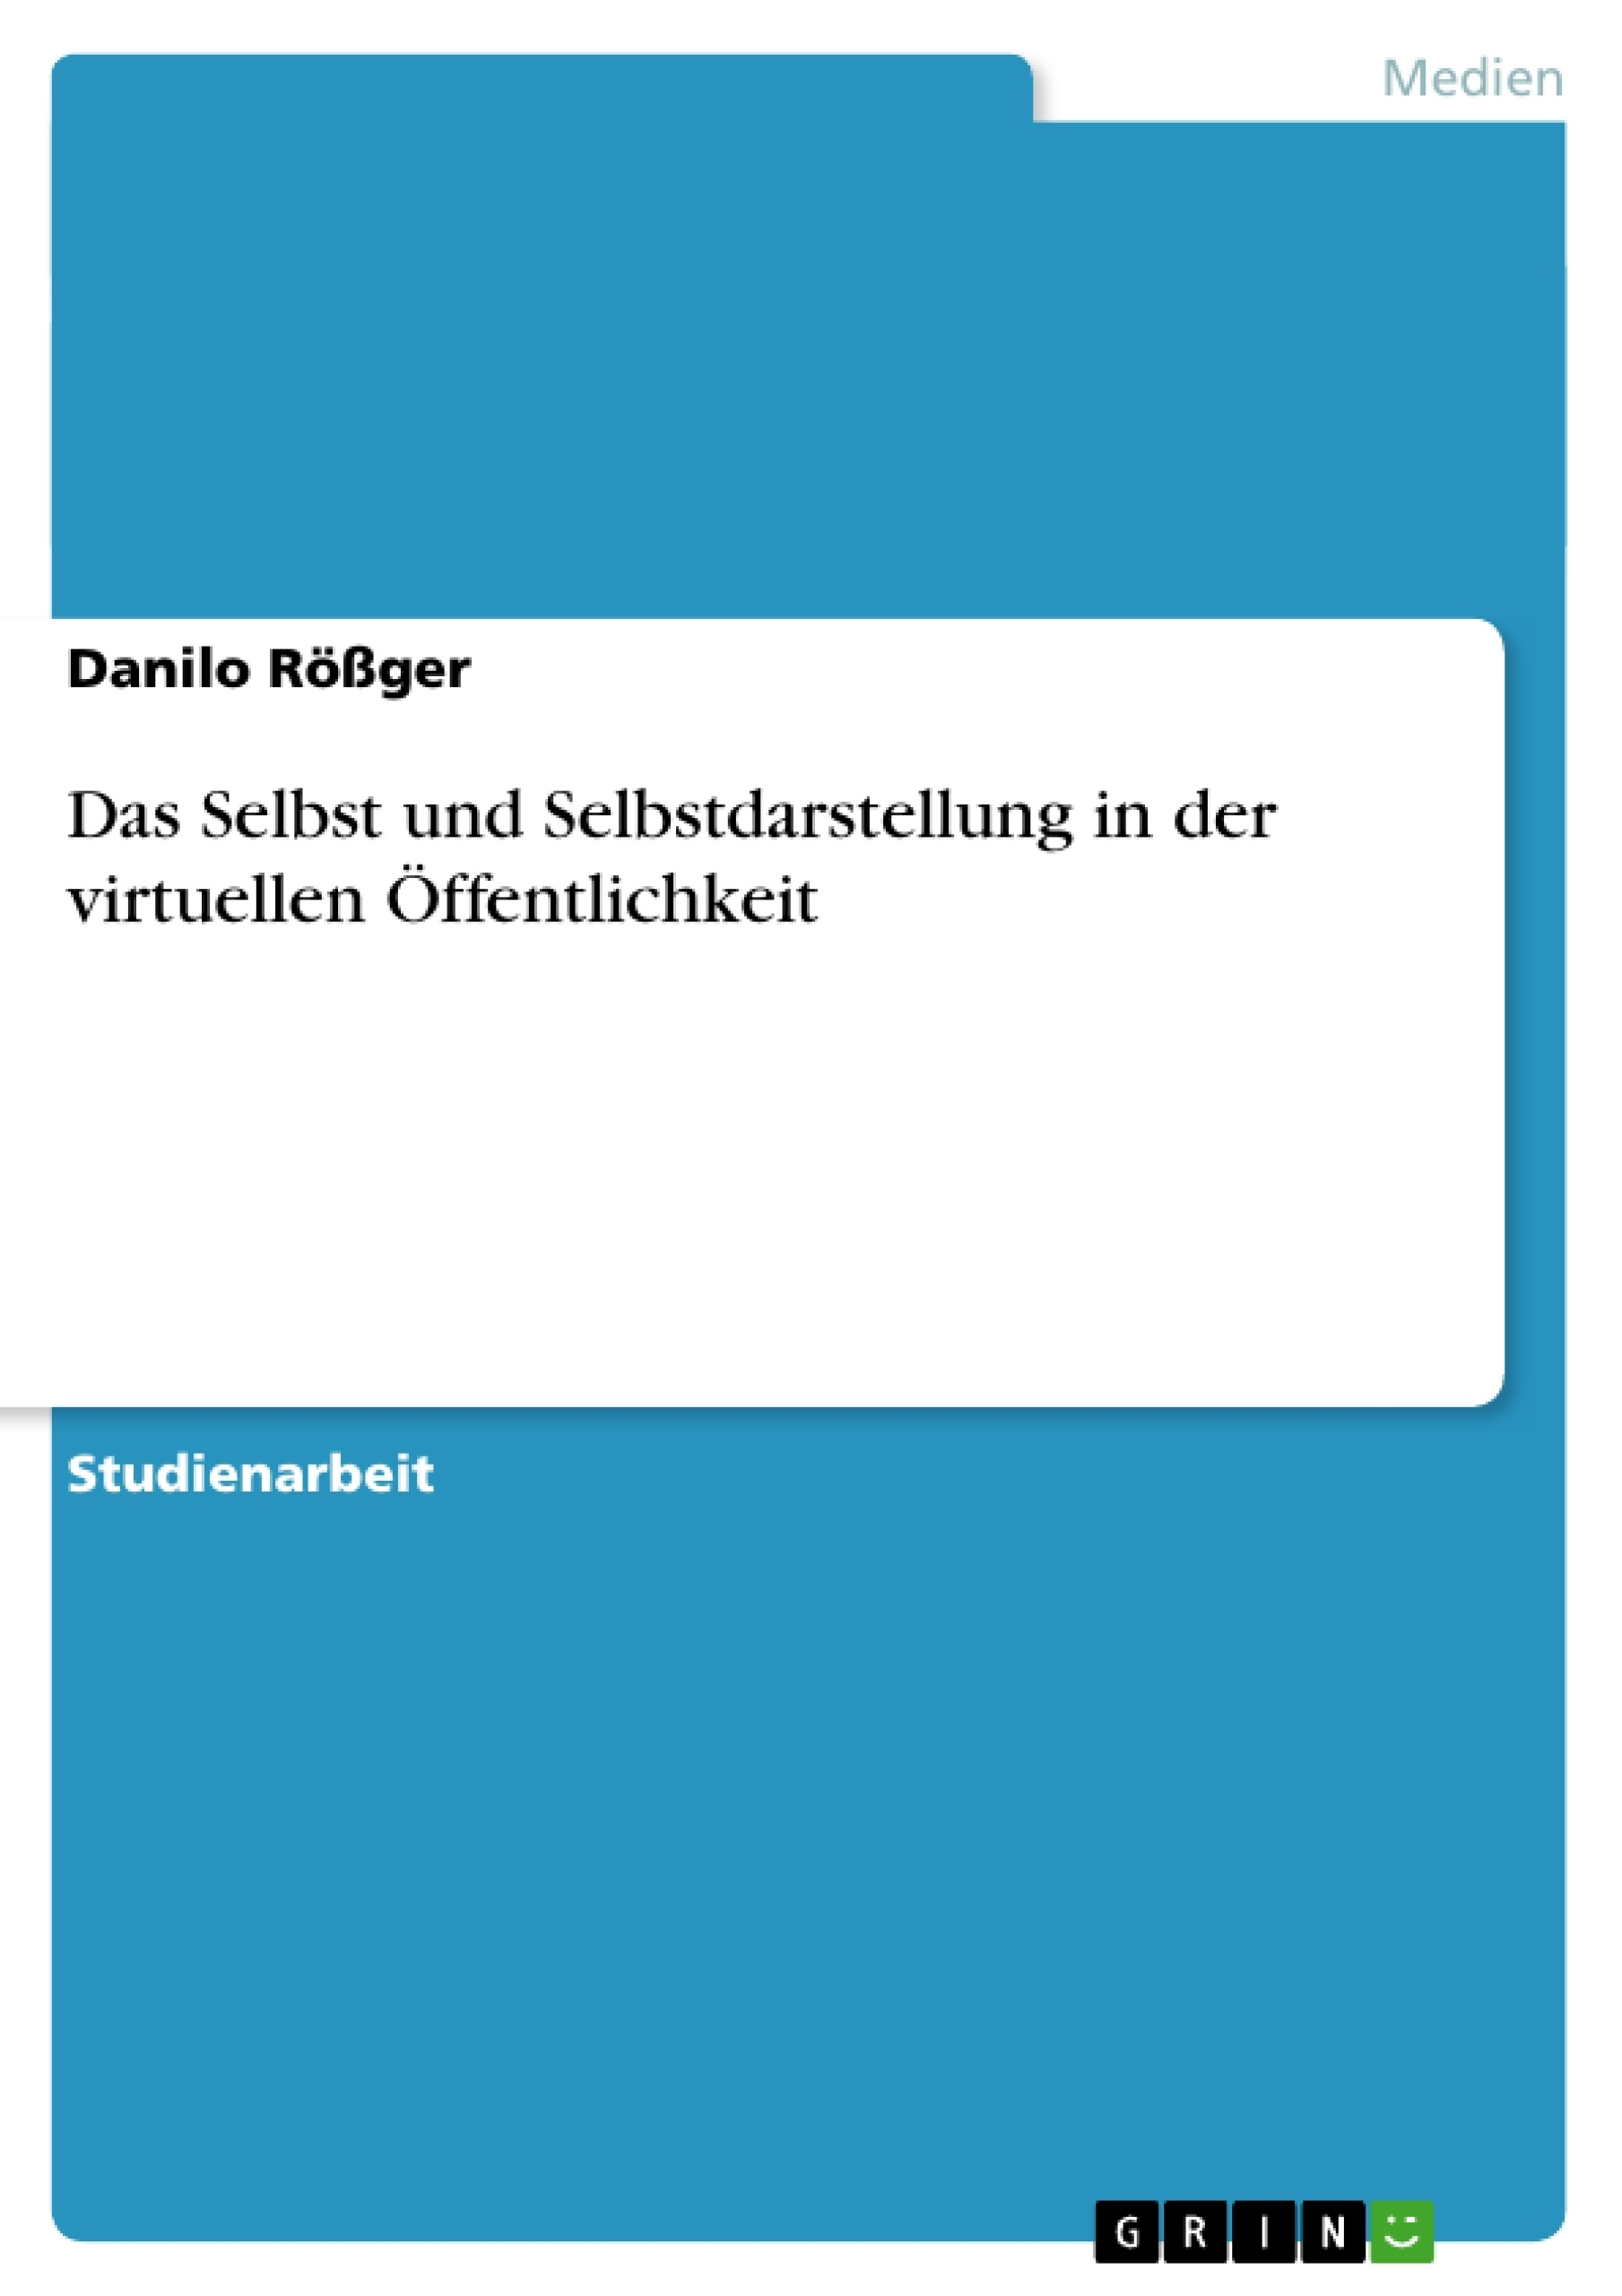 Titel: Das Selbst und Selbstdarstellung in der virtuellen Öffentlichkeit